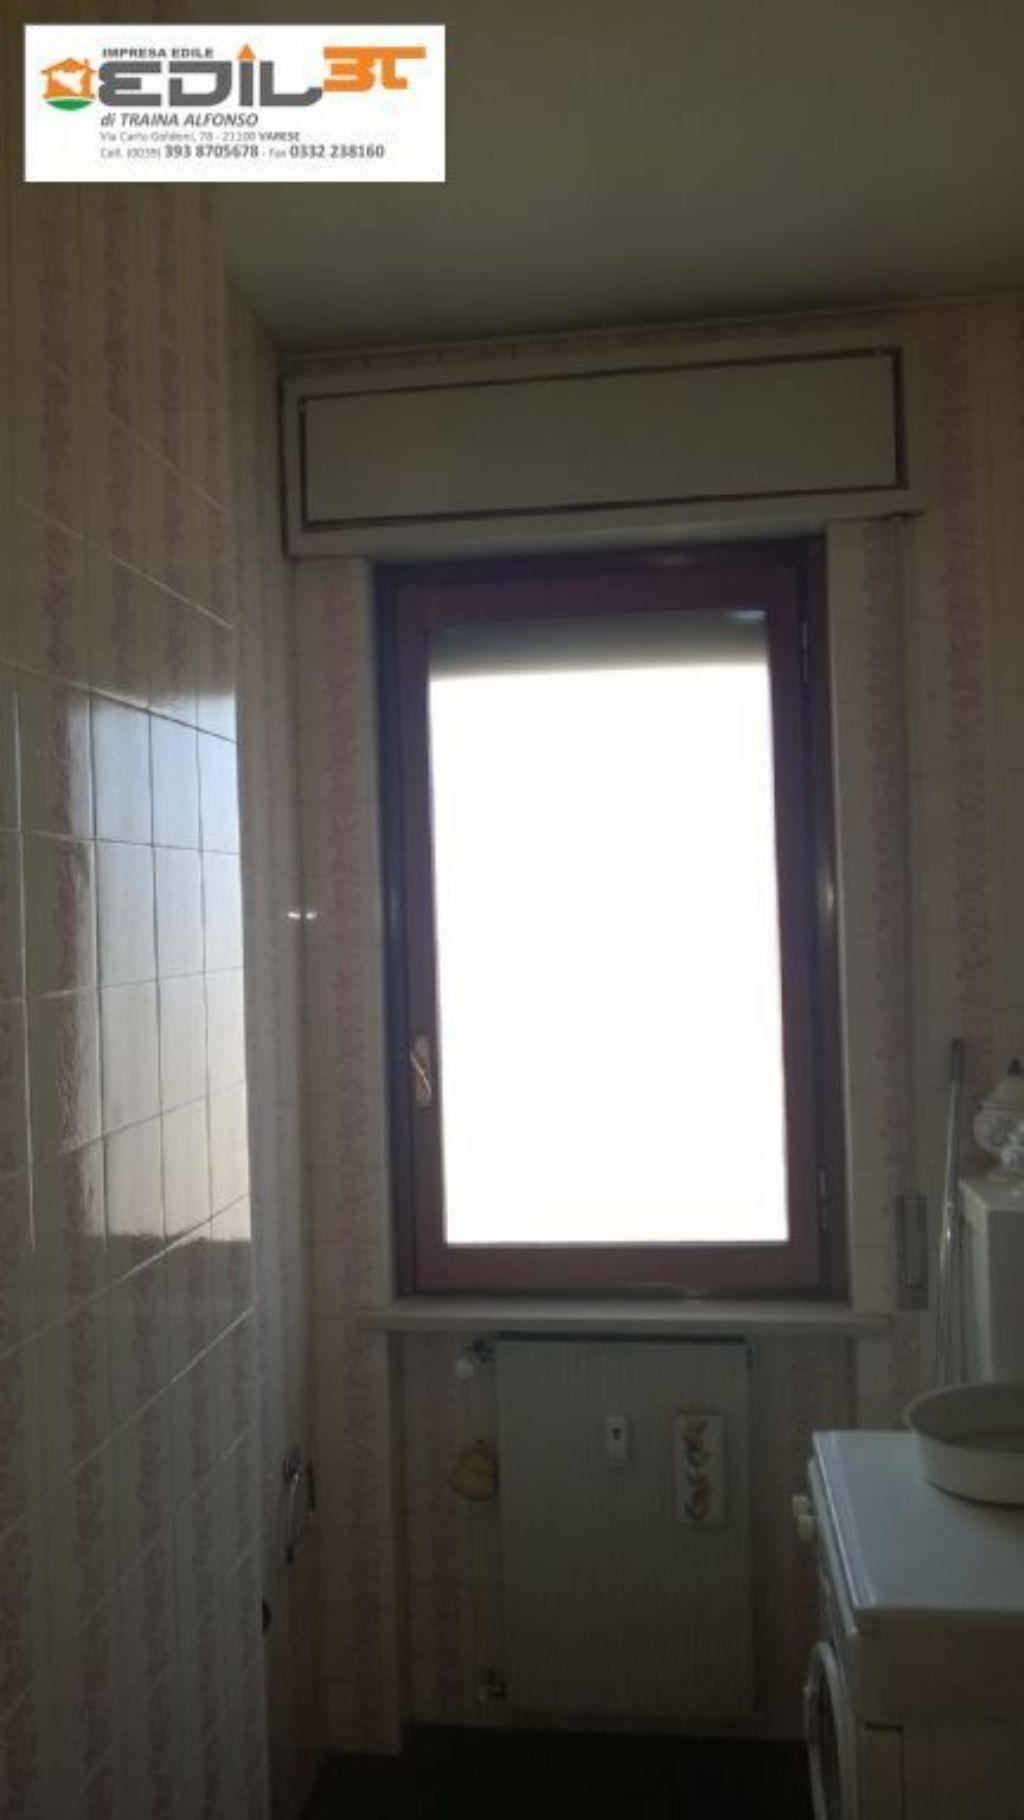 Rifacimento bagno con doccia in muratura e abbassamento in cartongesso e fare...